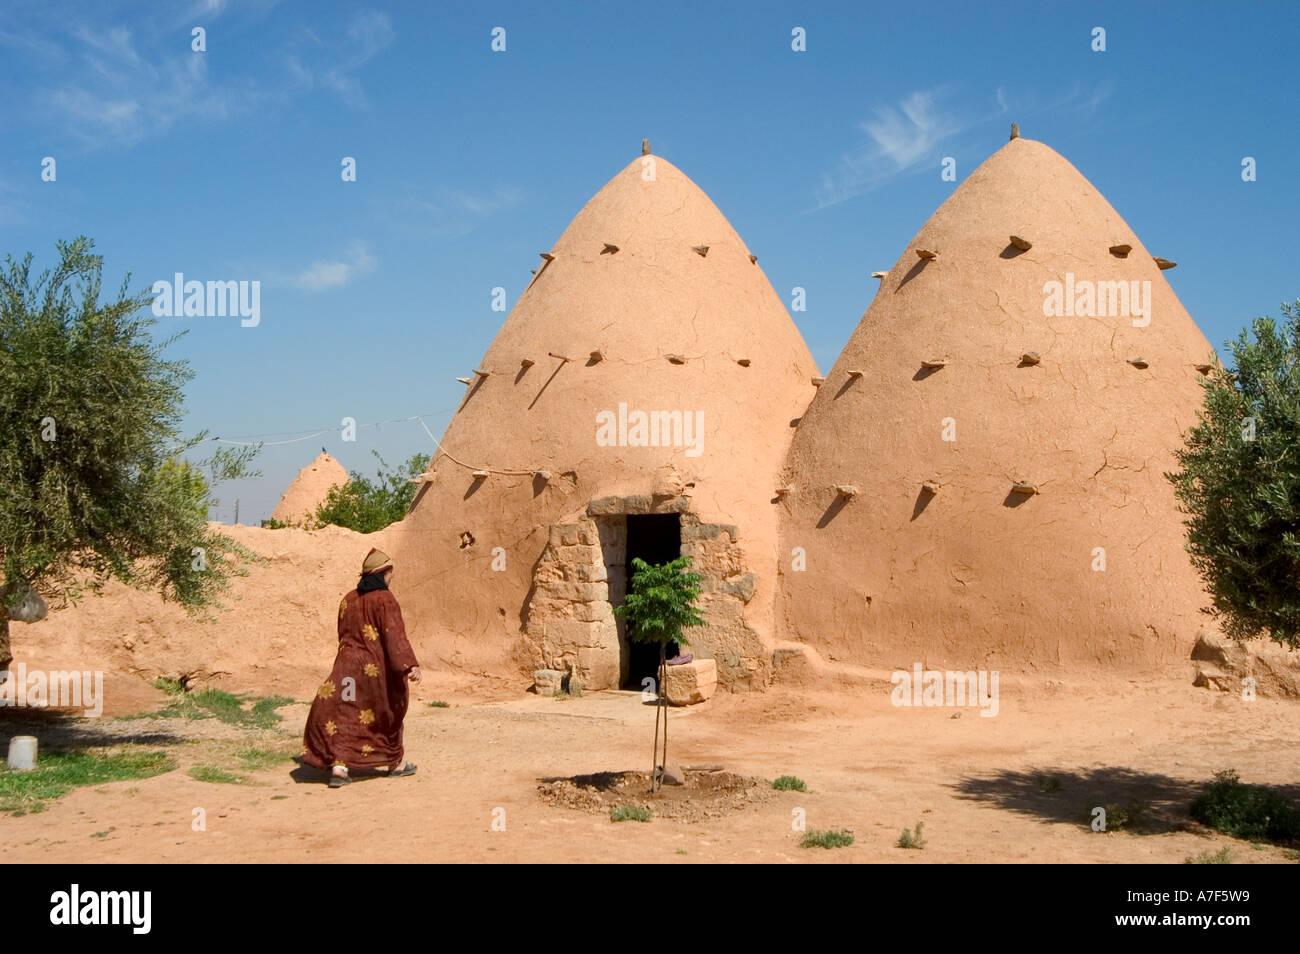 Case Di Mattoni Di Fango : Donna locale alveare di mattoni di fango e di costruire le case di